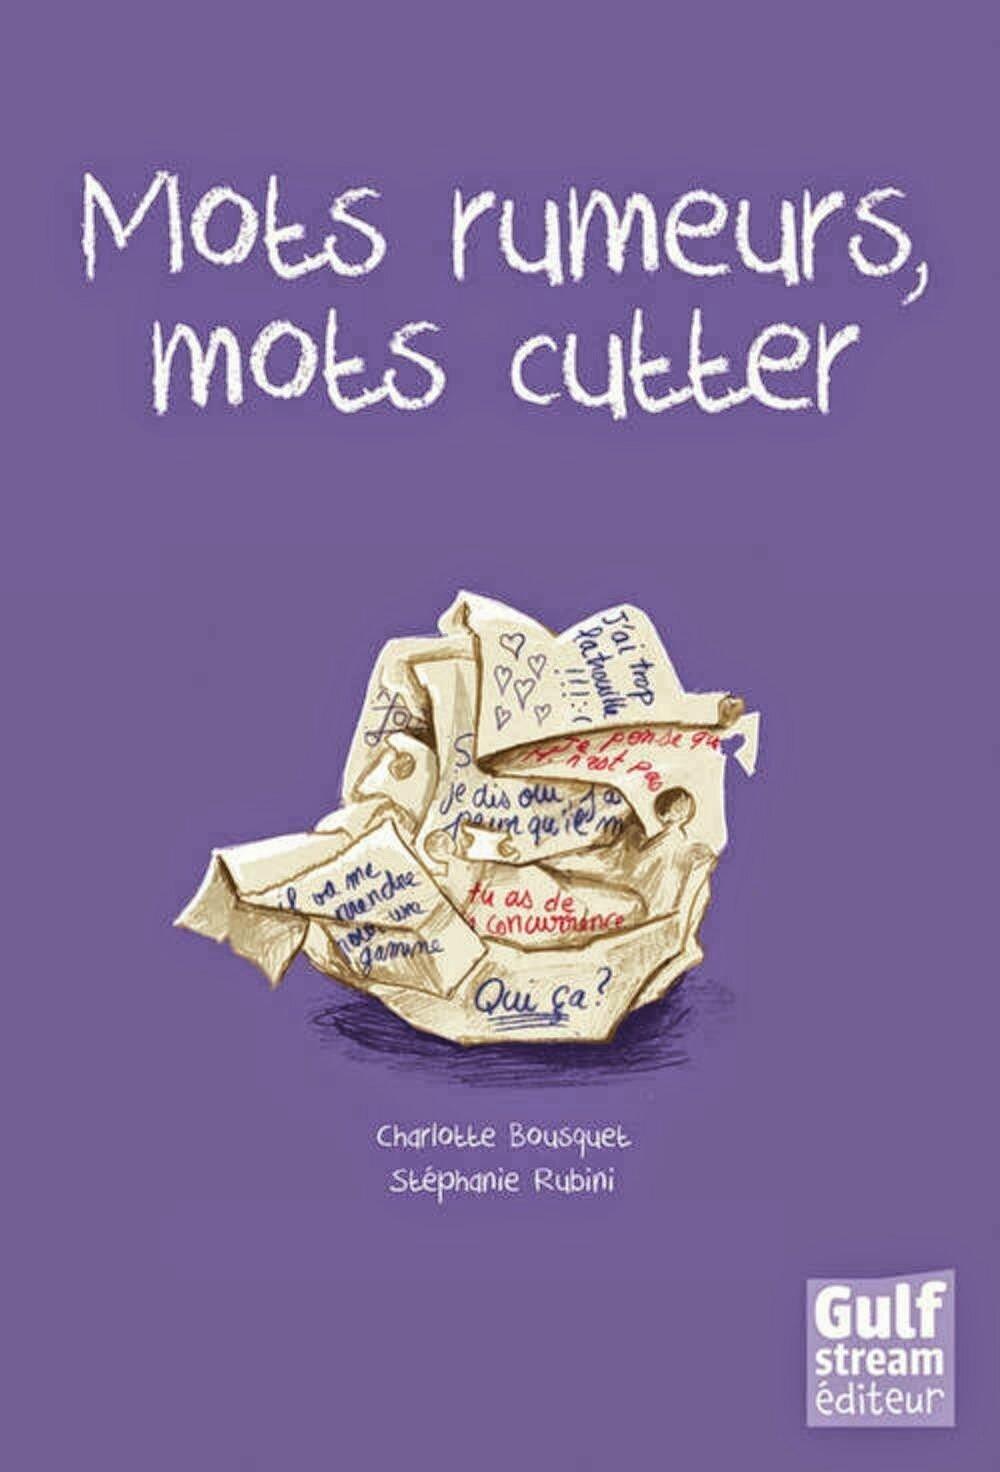 MOTS RUMEURS MOTS CUTTER - Charlotte BOUSQUET/Stéphanie RUBINI